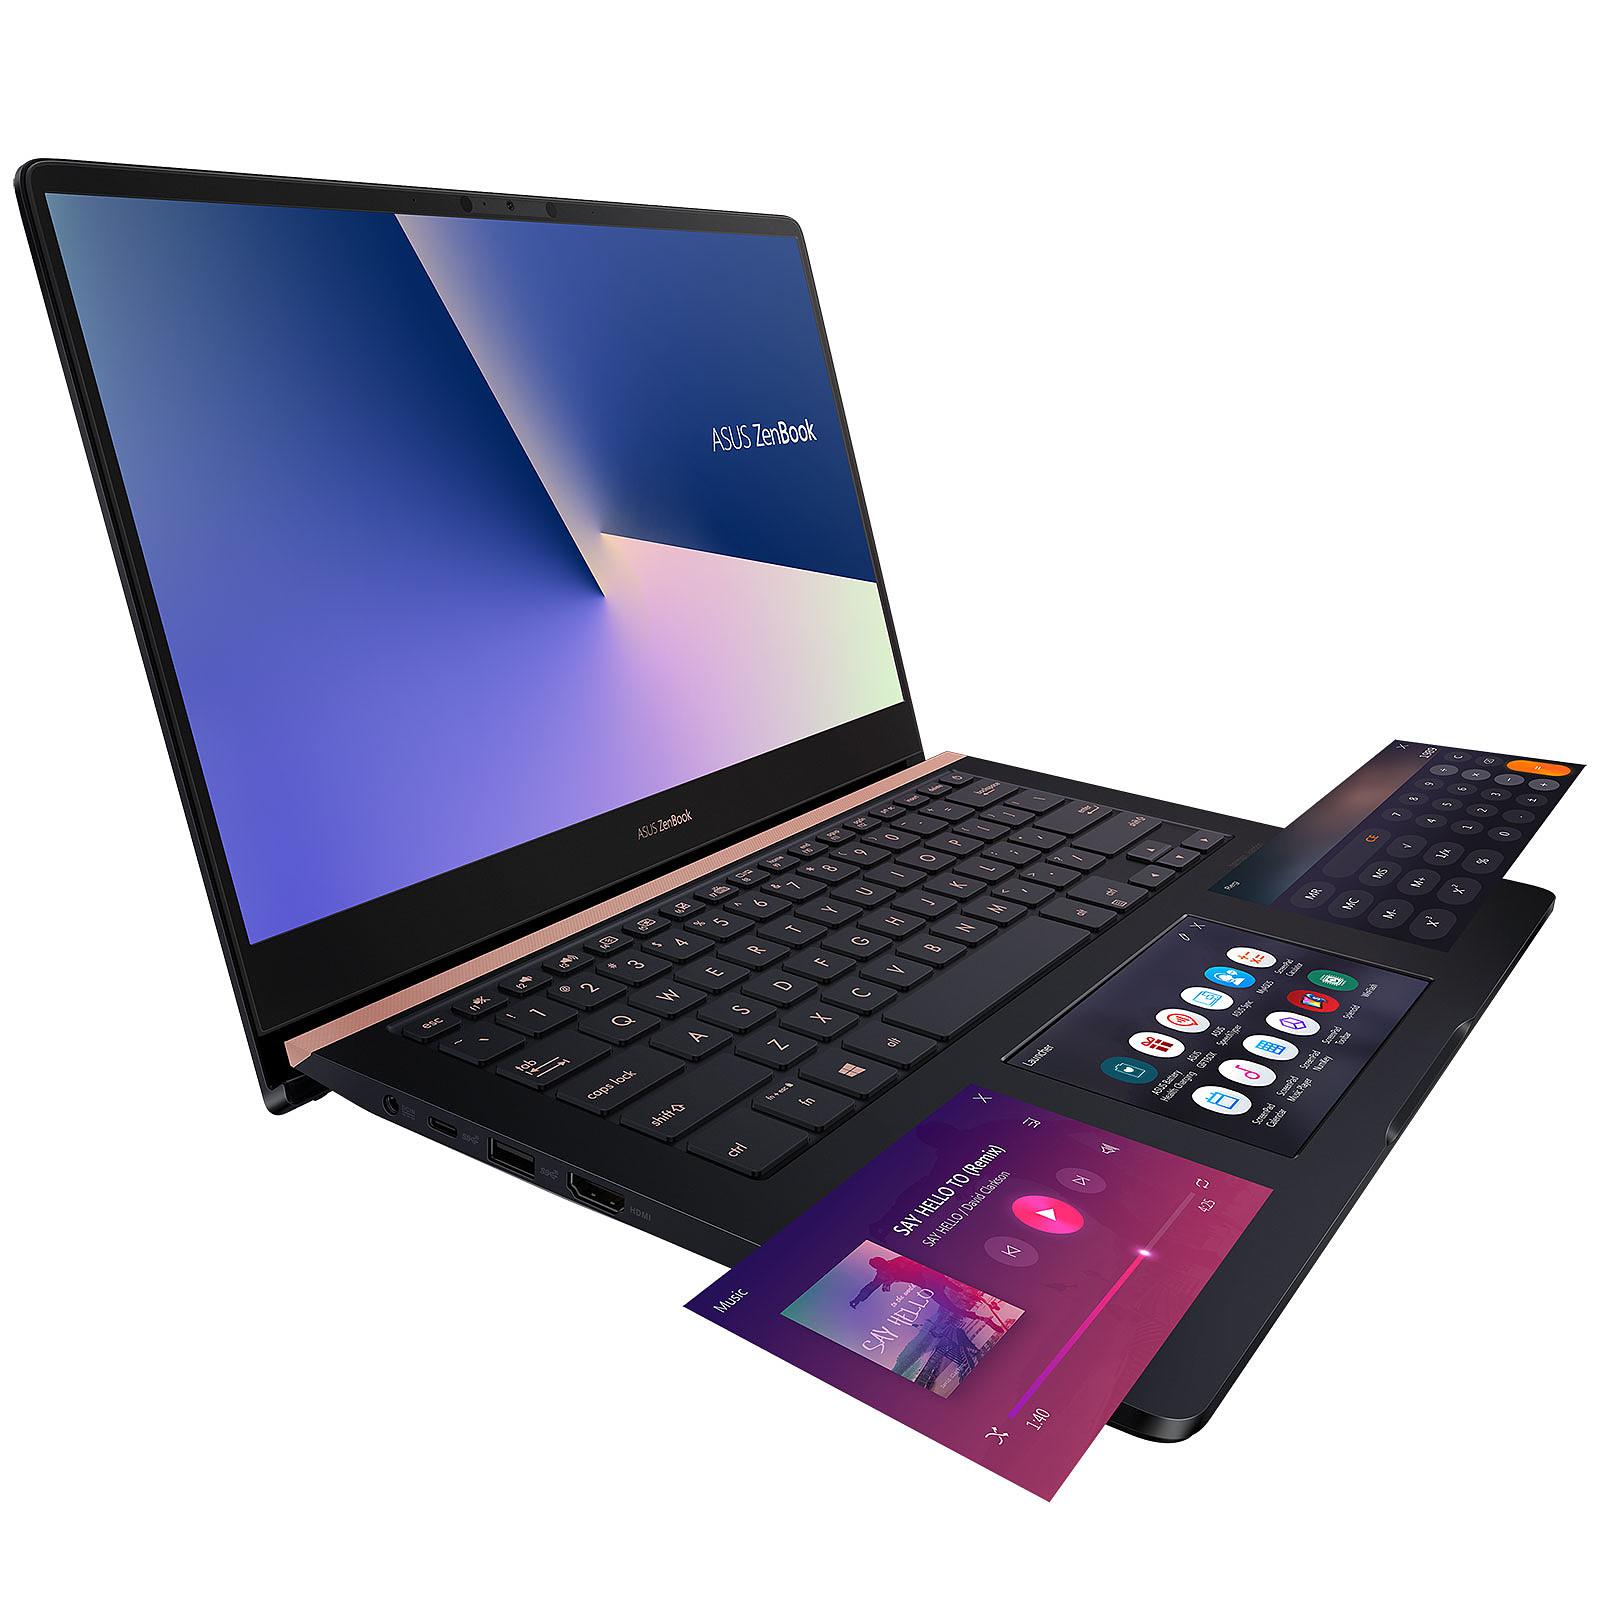 ASUS Zenbook Pro 14 UX480FD-BE003T